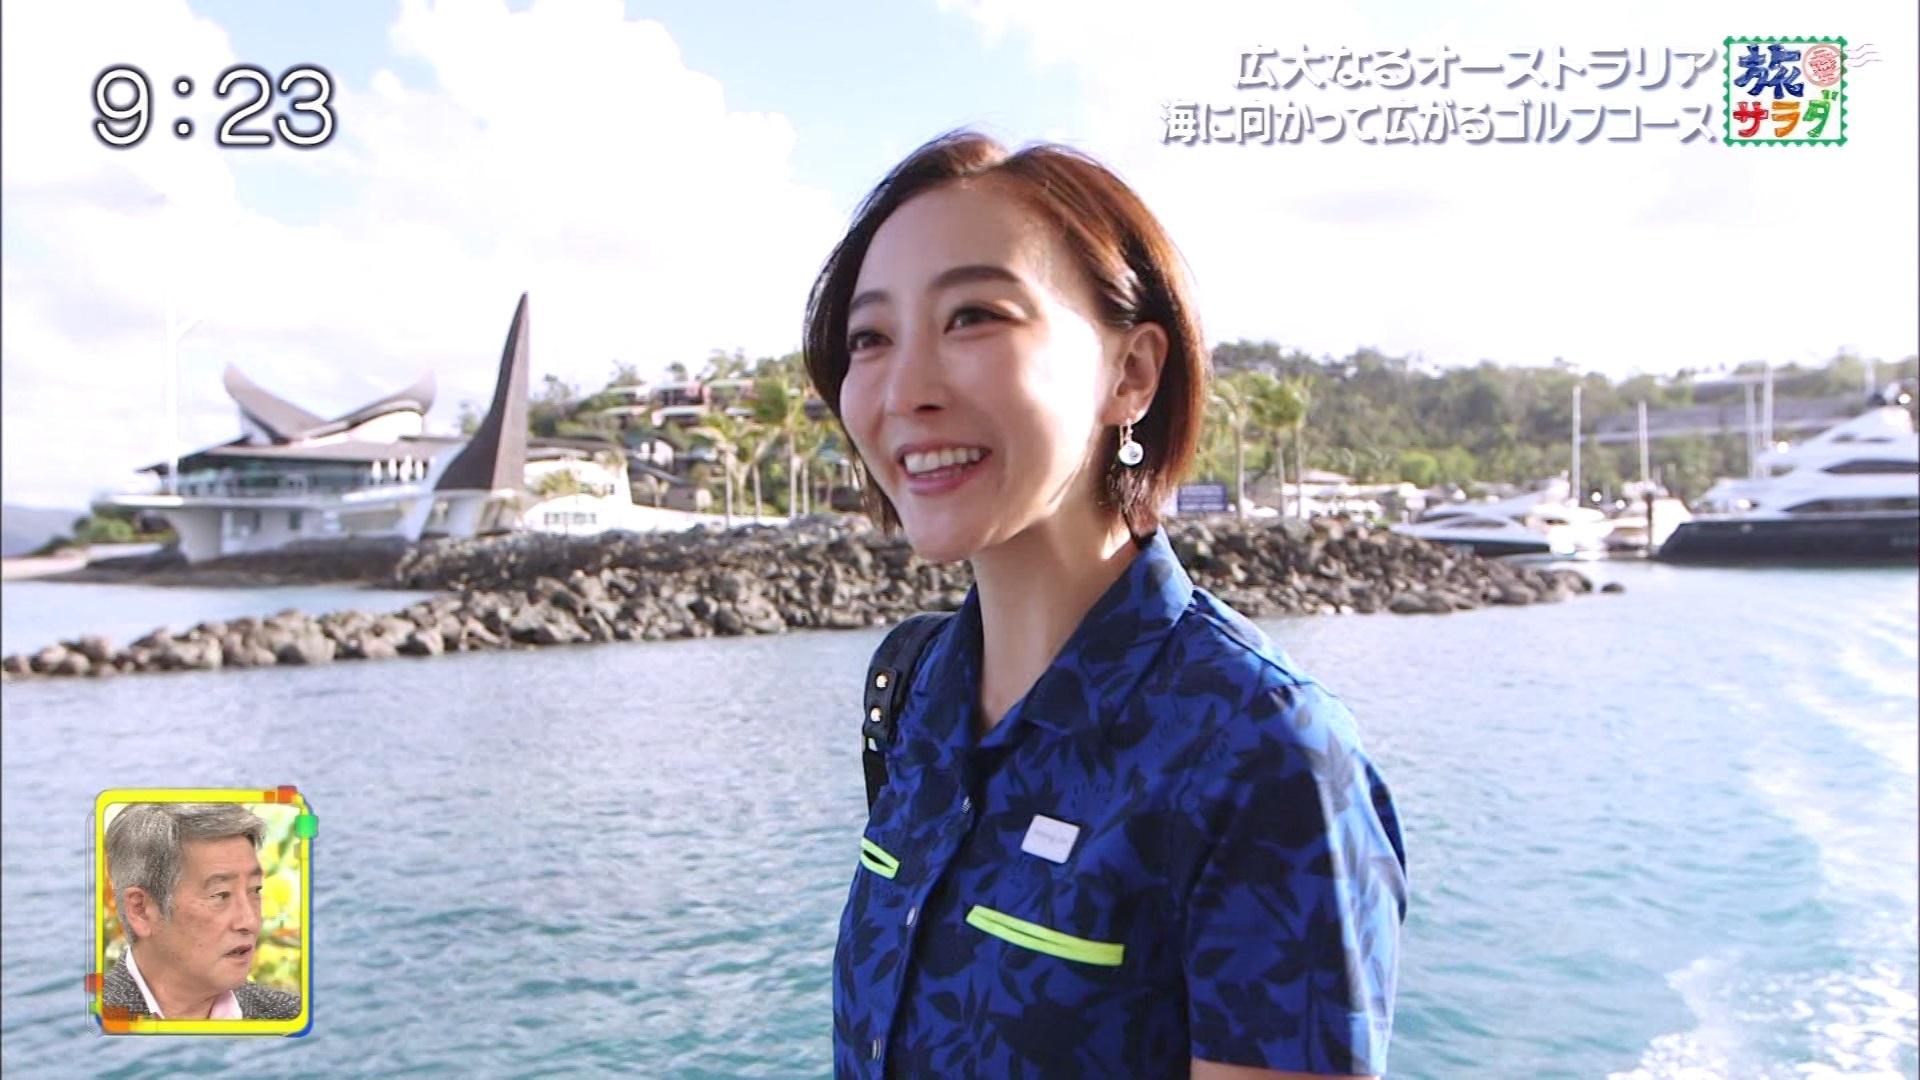 2019年2月23日テレビ朝日「旅サラダ」渡辺舞さんのテレビキャプチャー画像-076